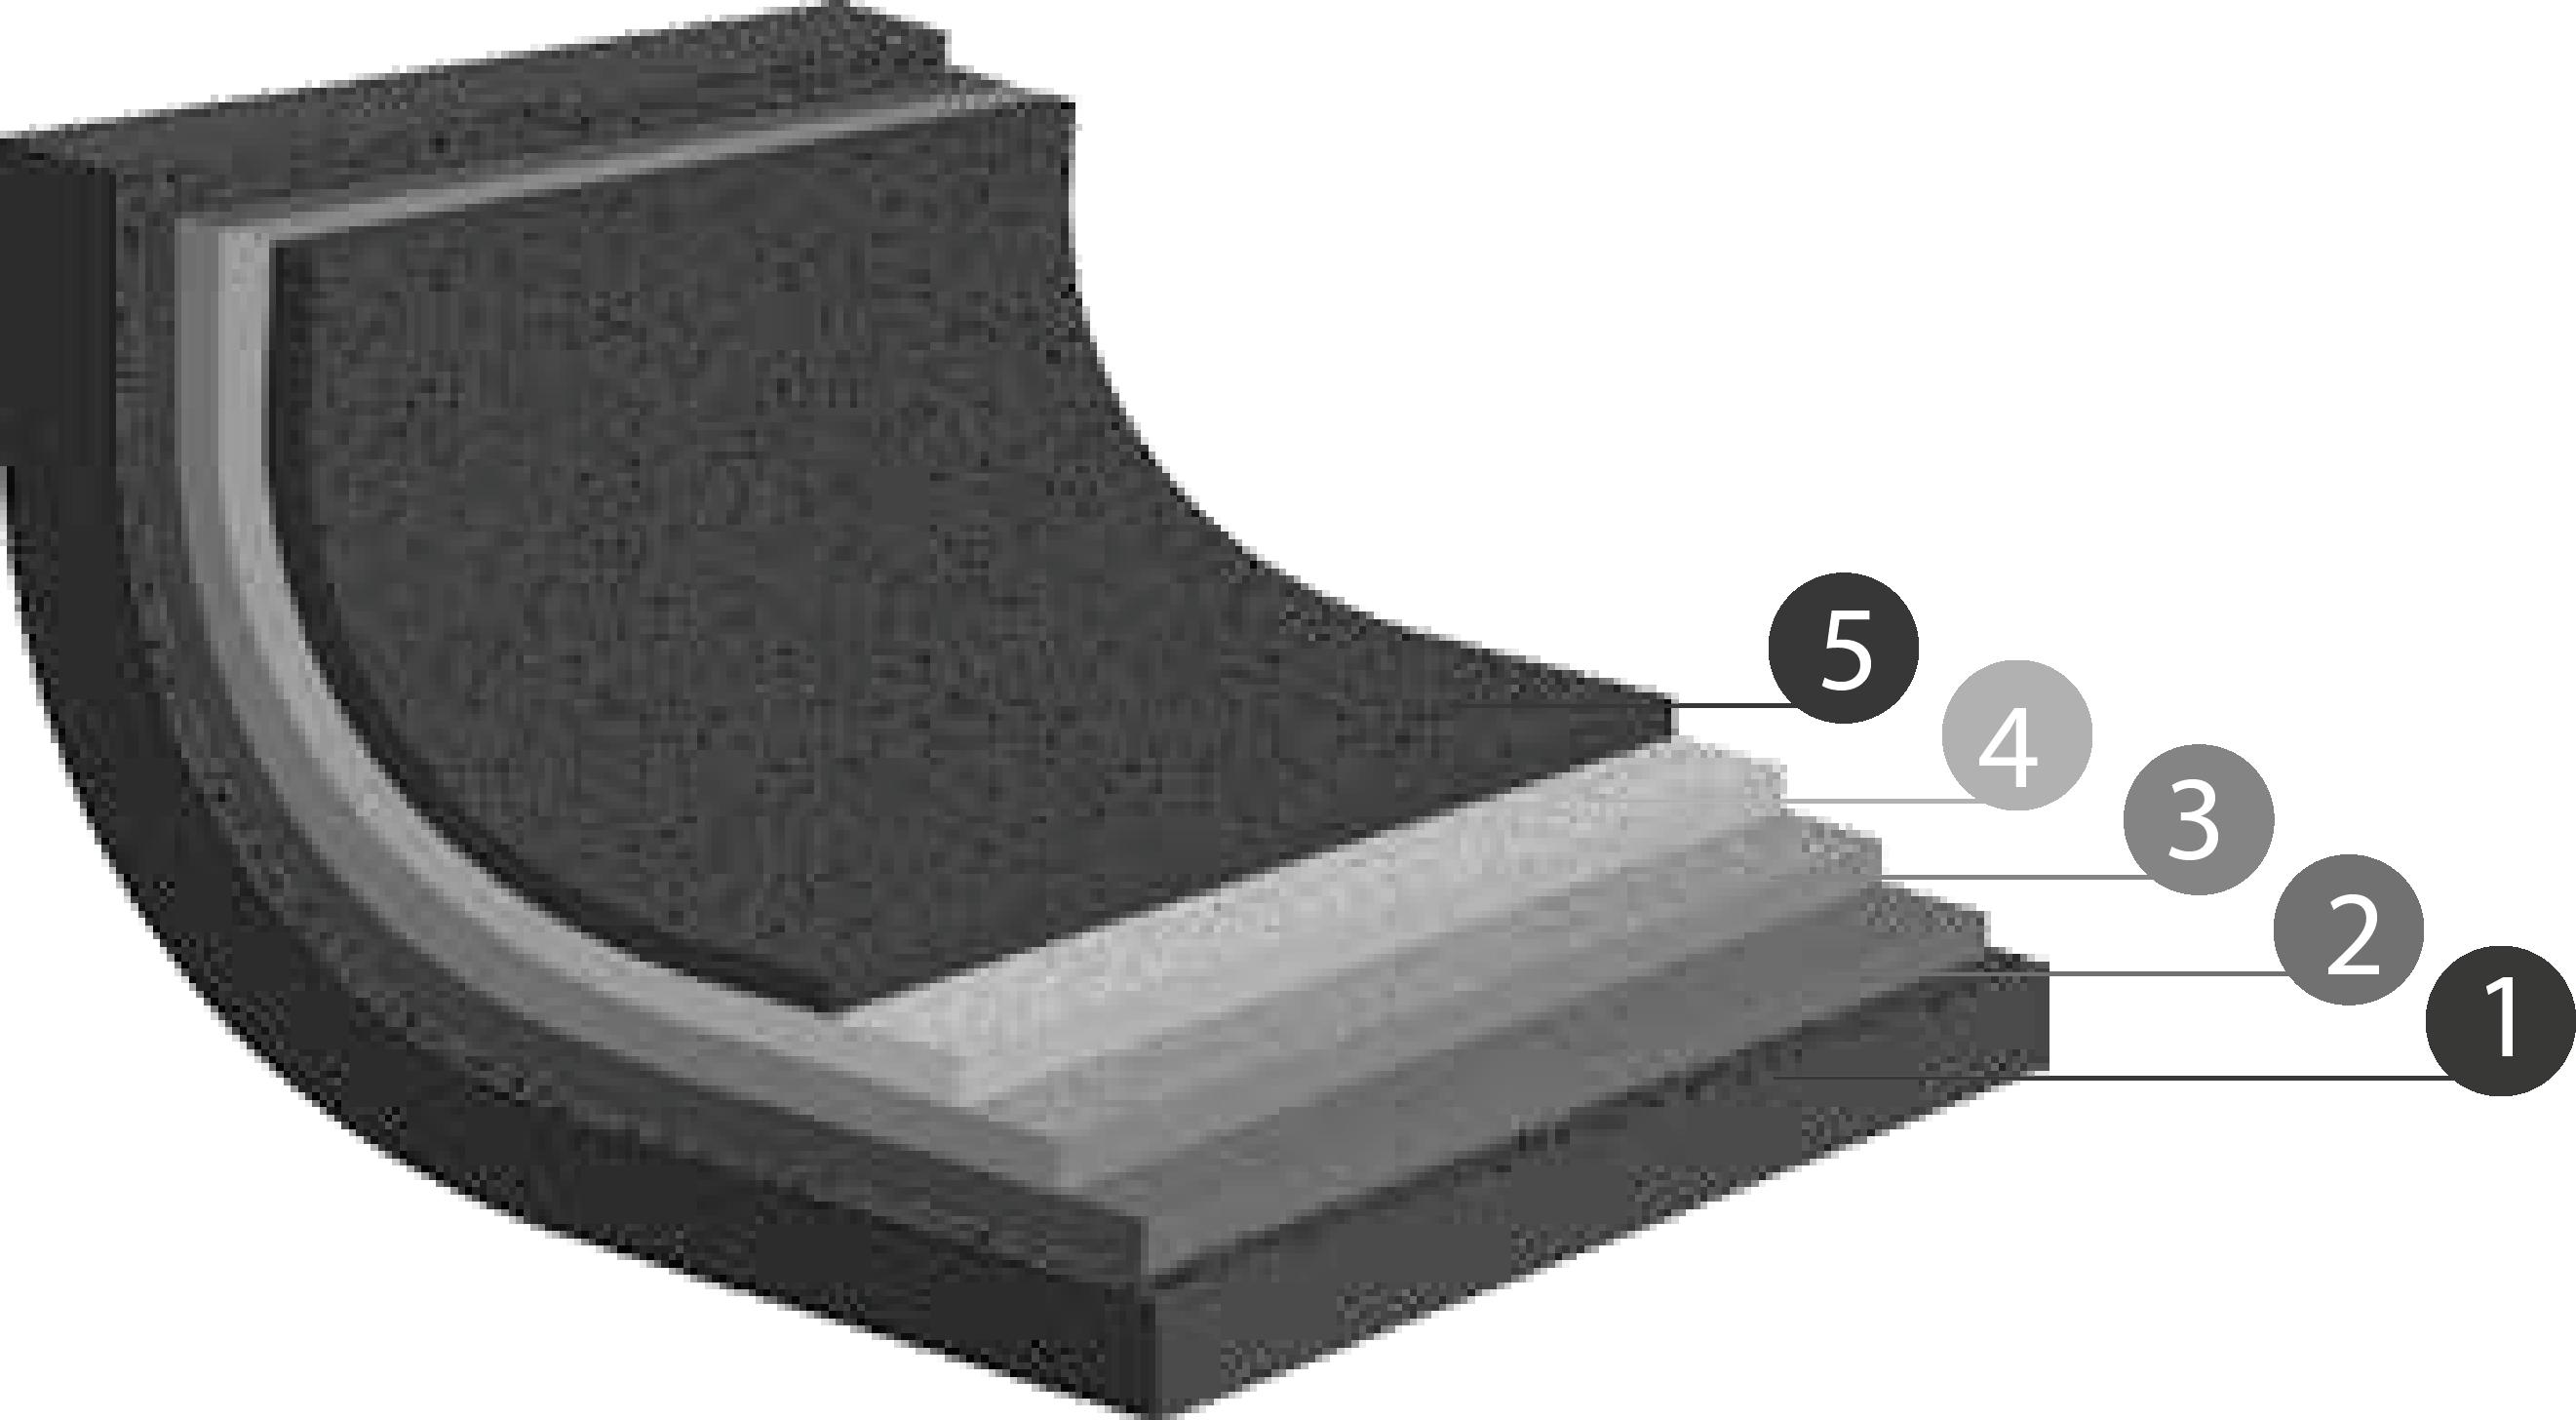 TVS-Le-giuste-materiale-sezione